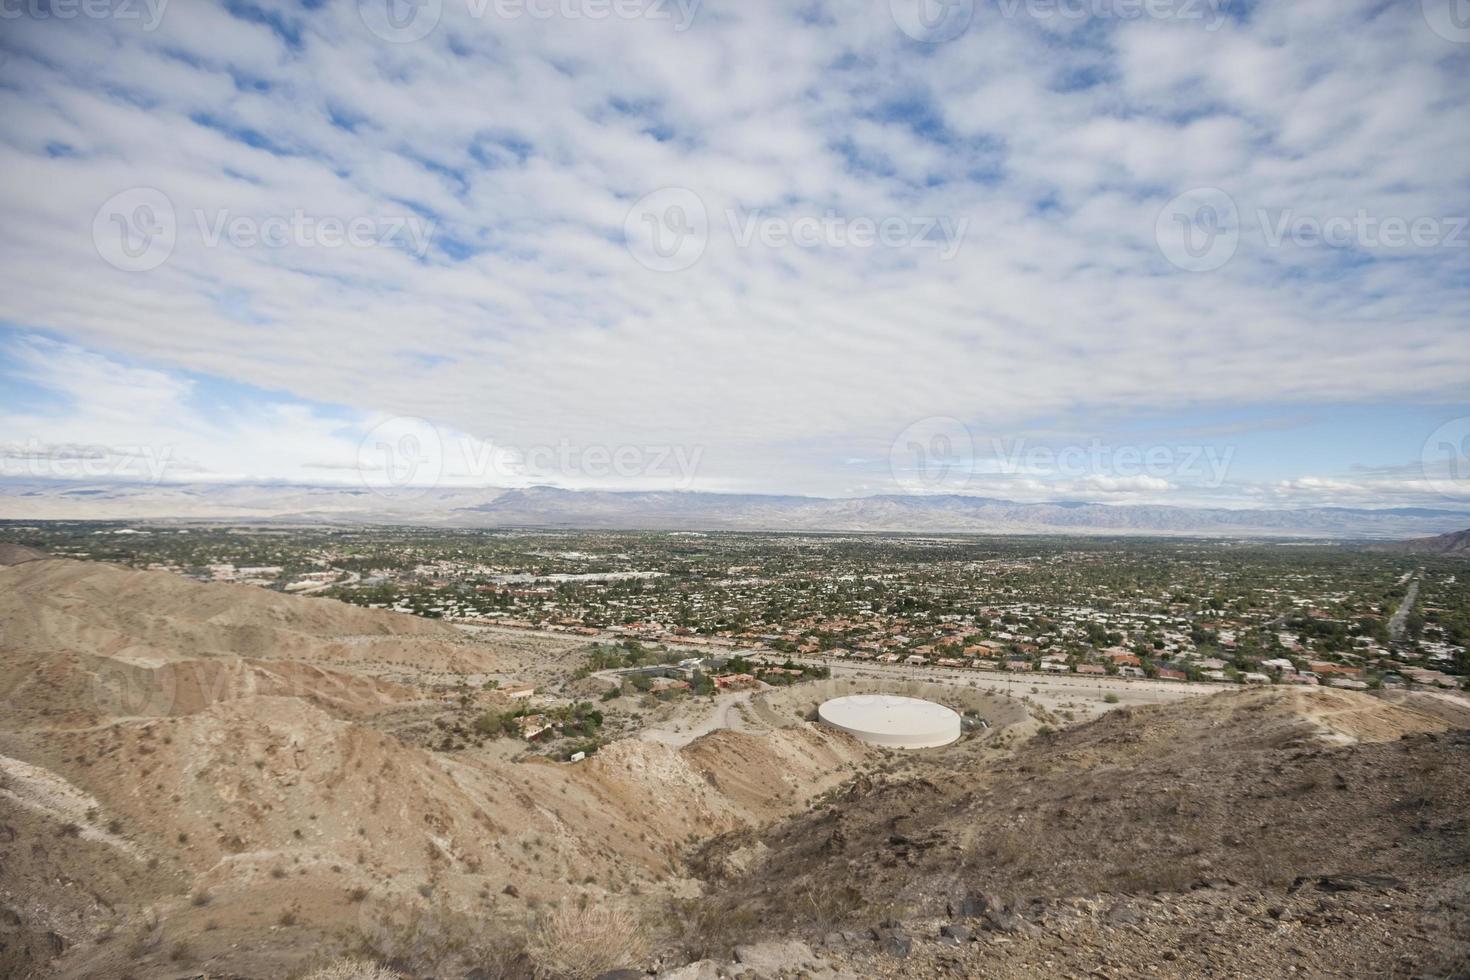 vista del paisaje con cielo nublado foto